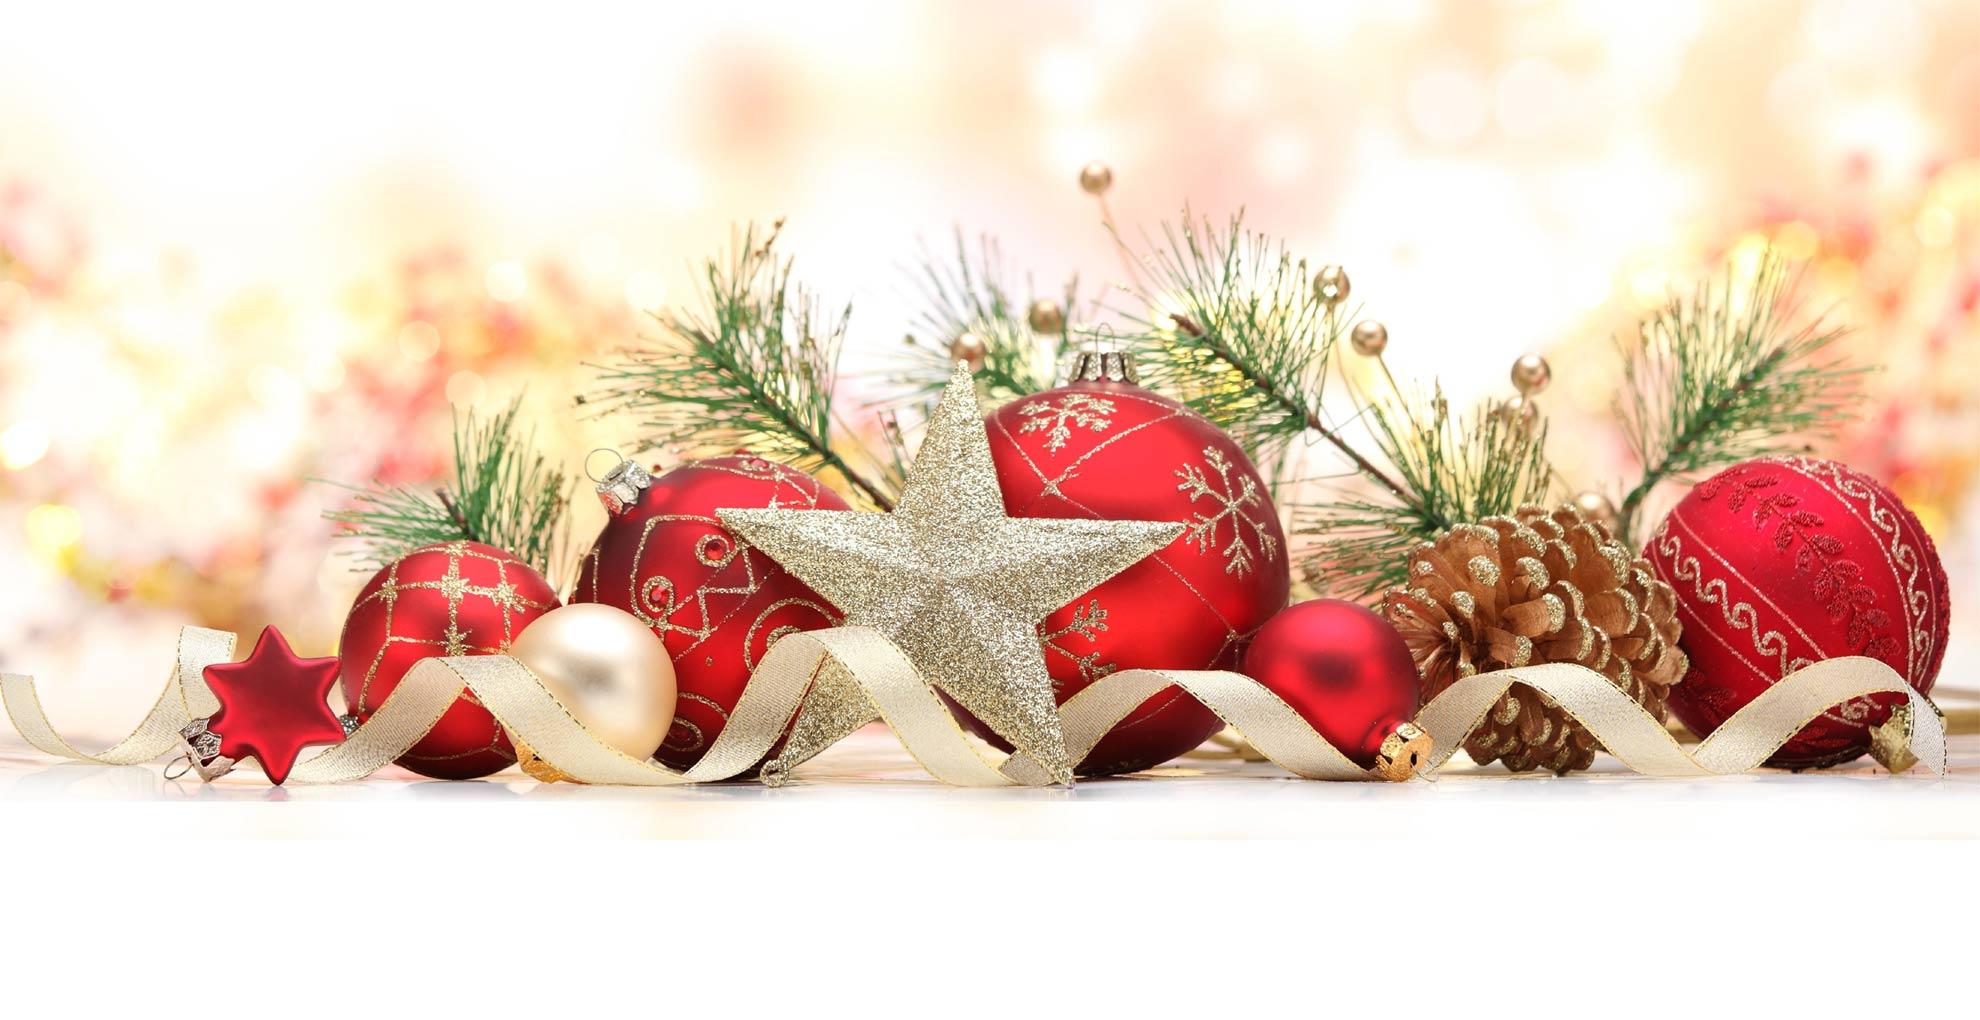 Sfondi natale sfondo palline natalizie for Natale immagini per desktop